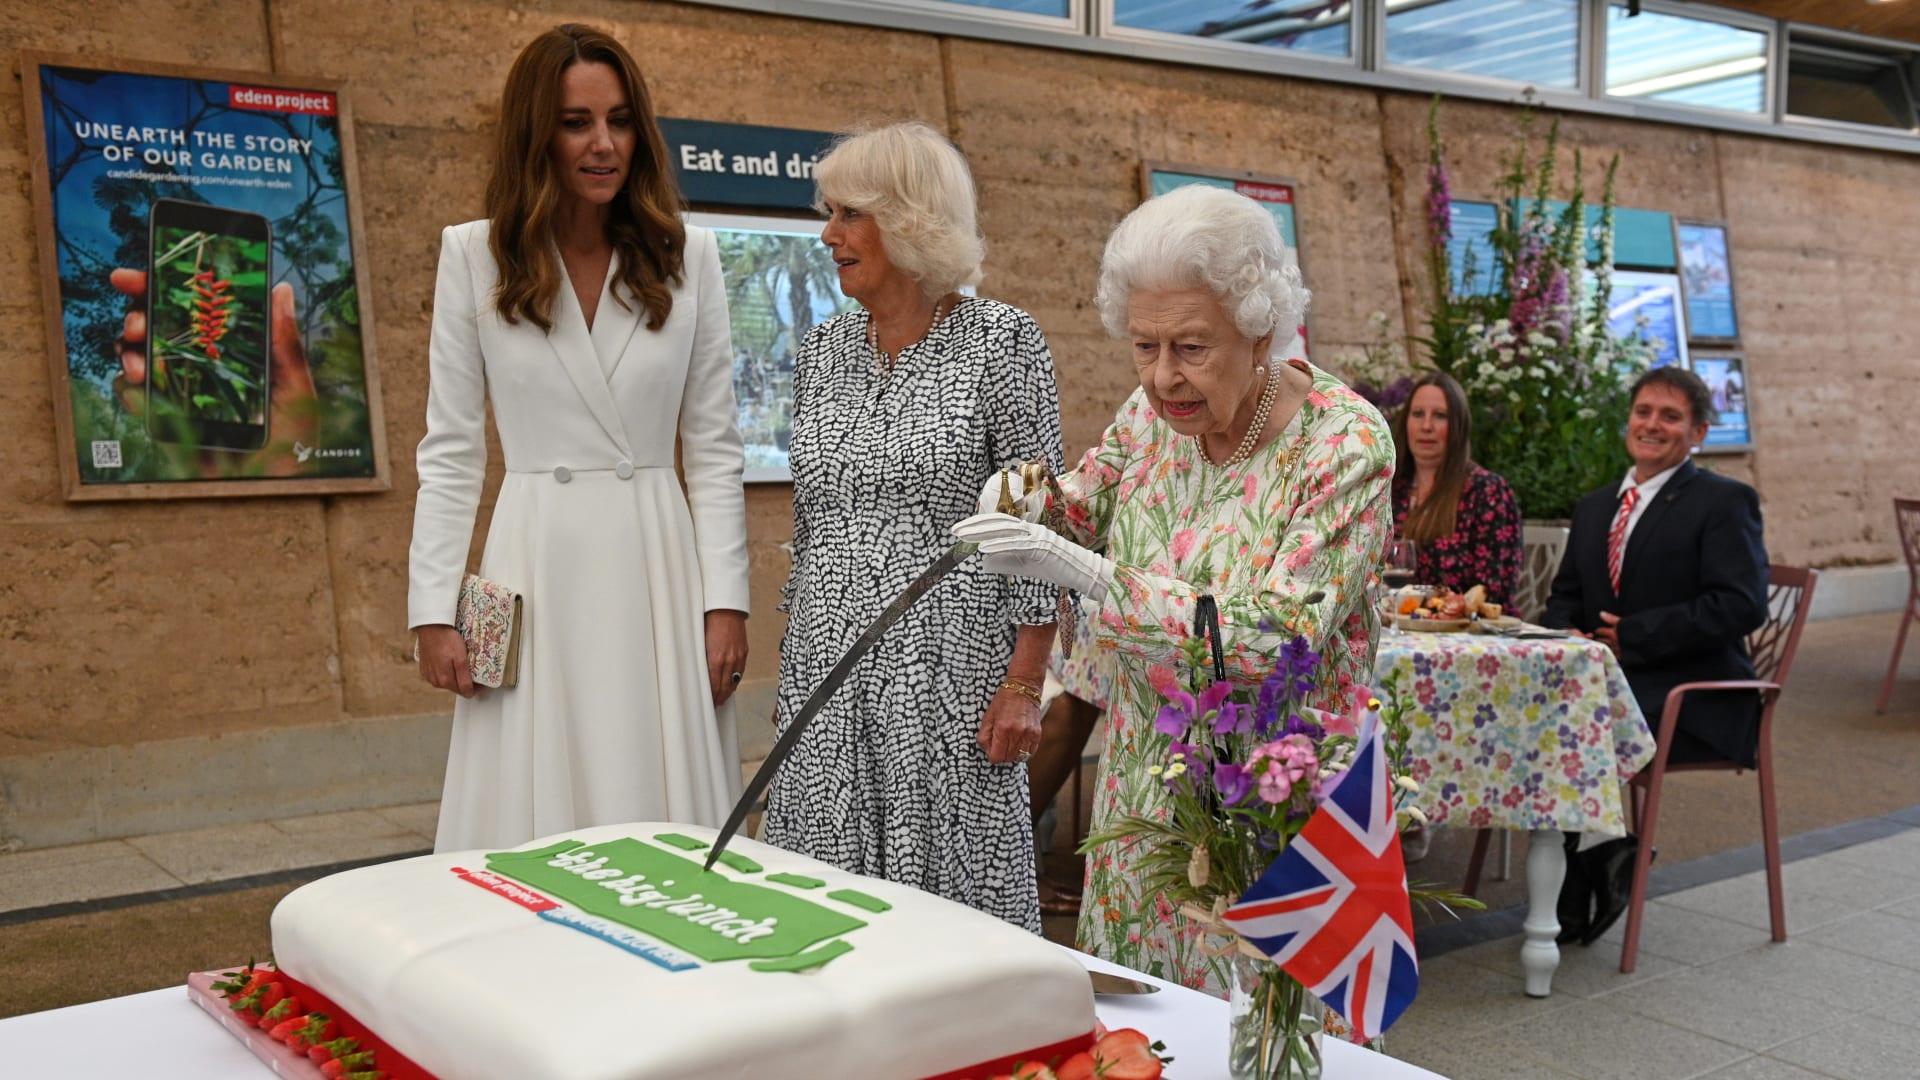 حاولت الملكة إليزابيث الثانية قطع كعكة بالسيف للاحتفال بمبادرة The Big Lunch في The Eden Project خلال قمة مجموعة السبع في 11 يونيو 2021 في سانت أوستل بكورنوال